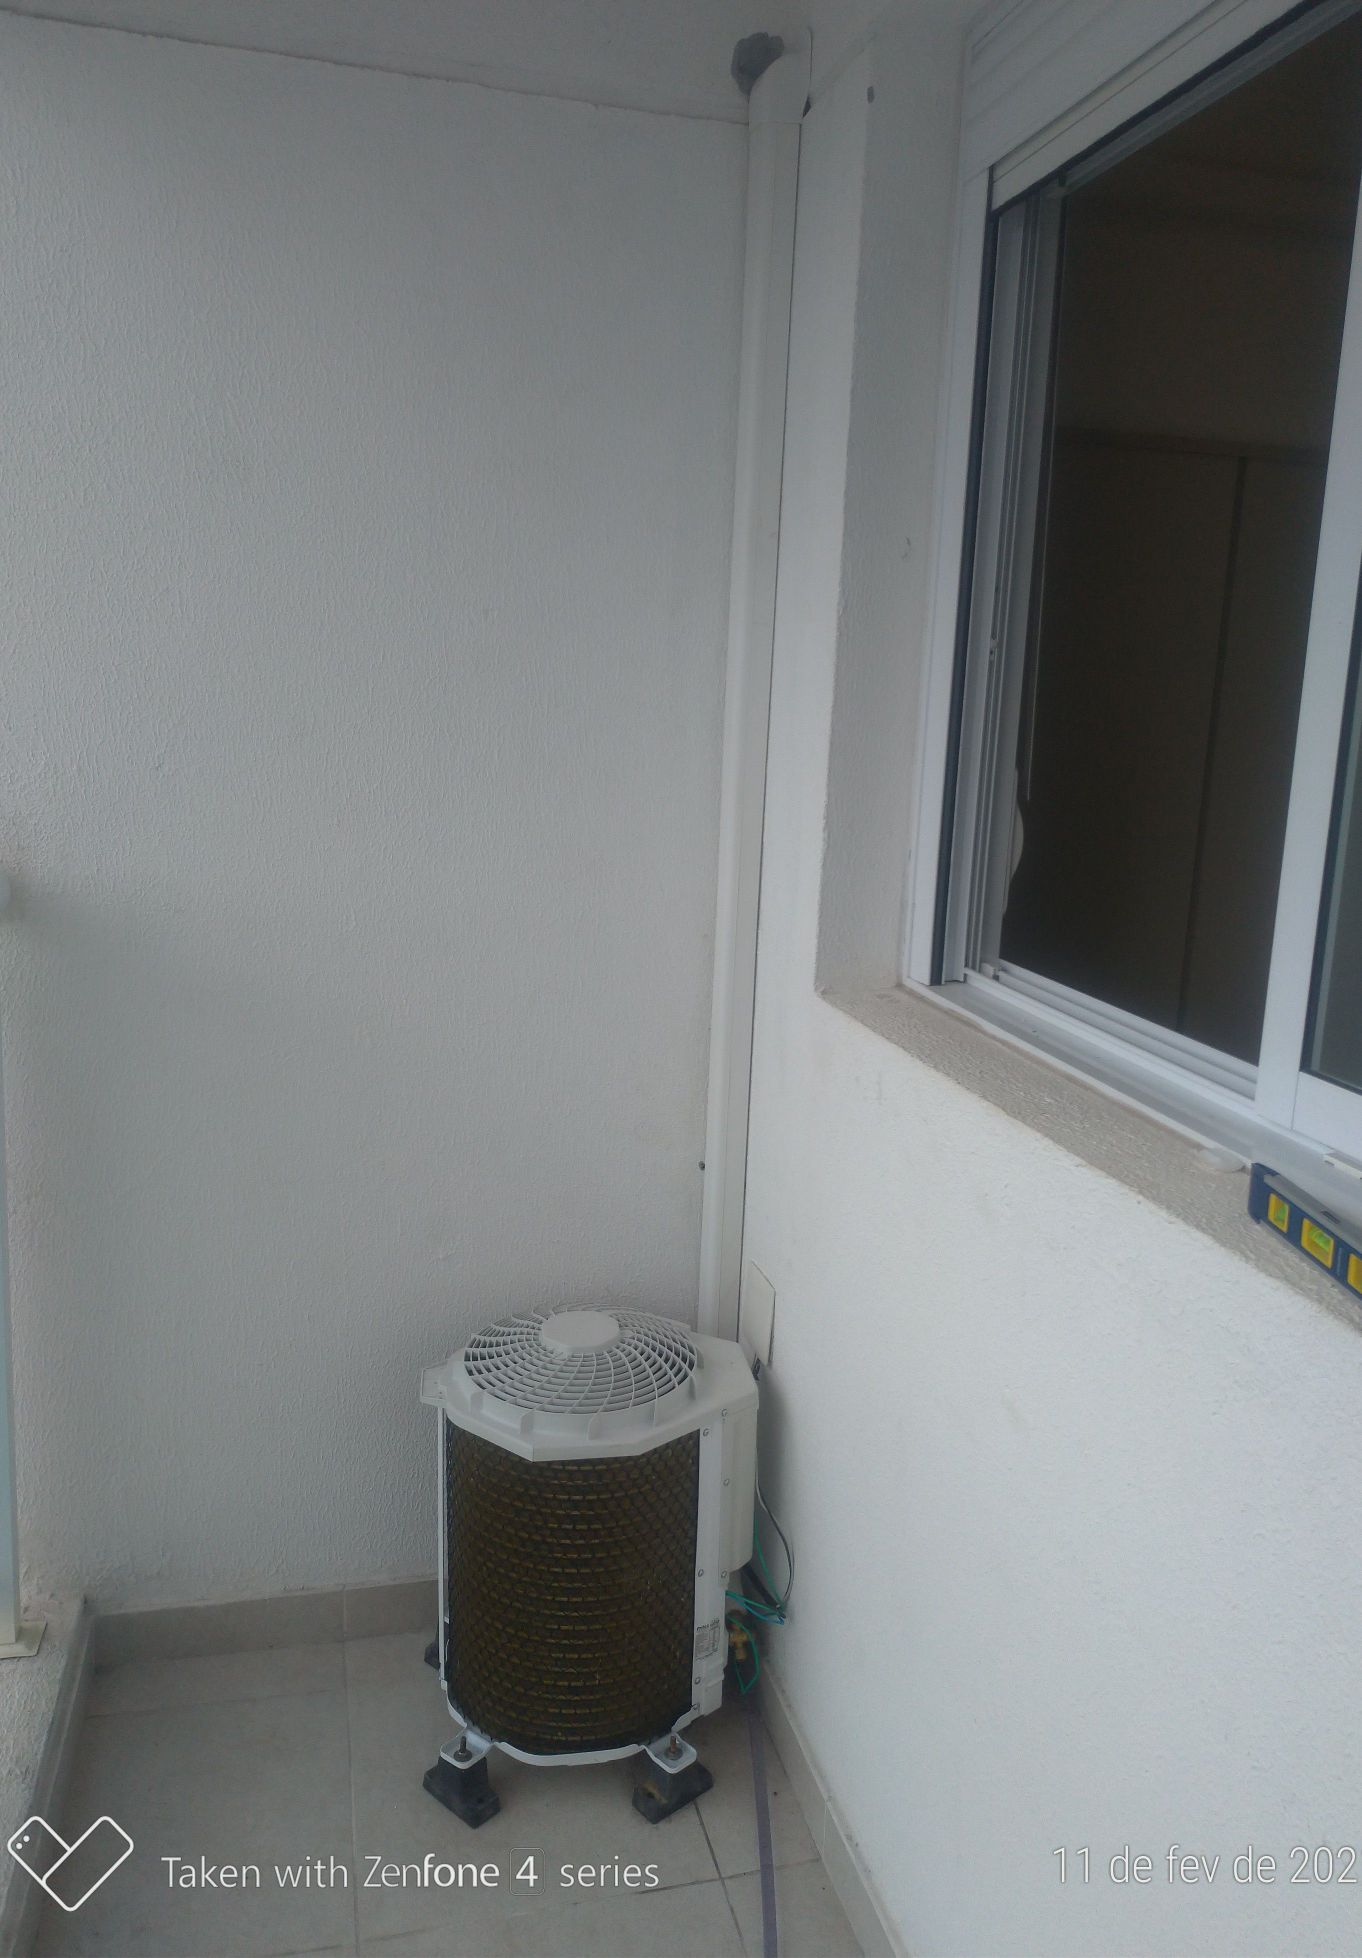 unidade condensadora com canaleta para a tubulação